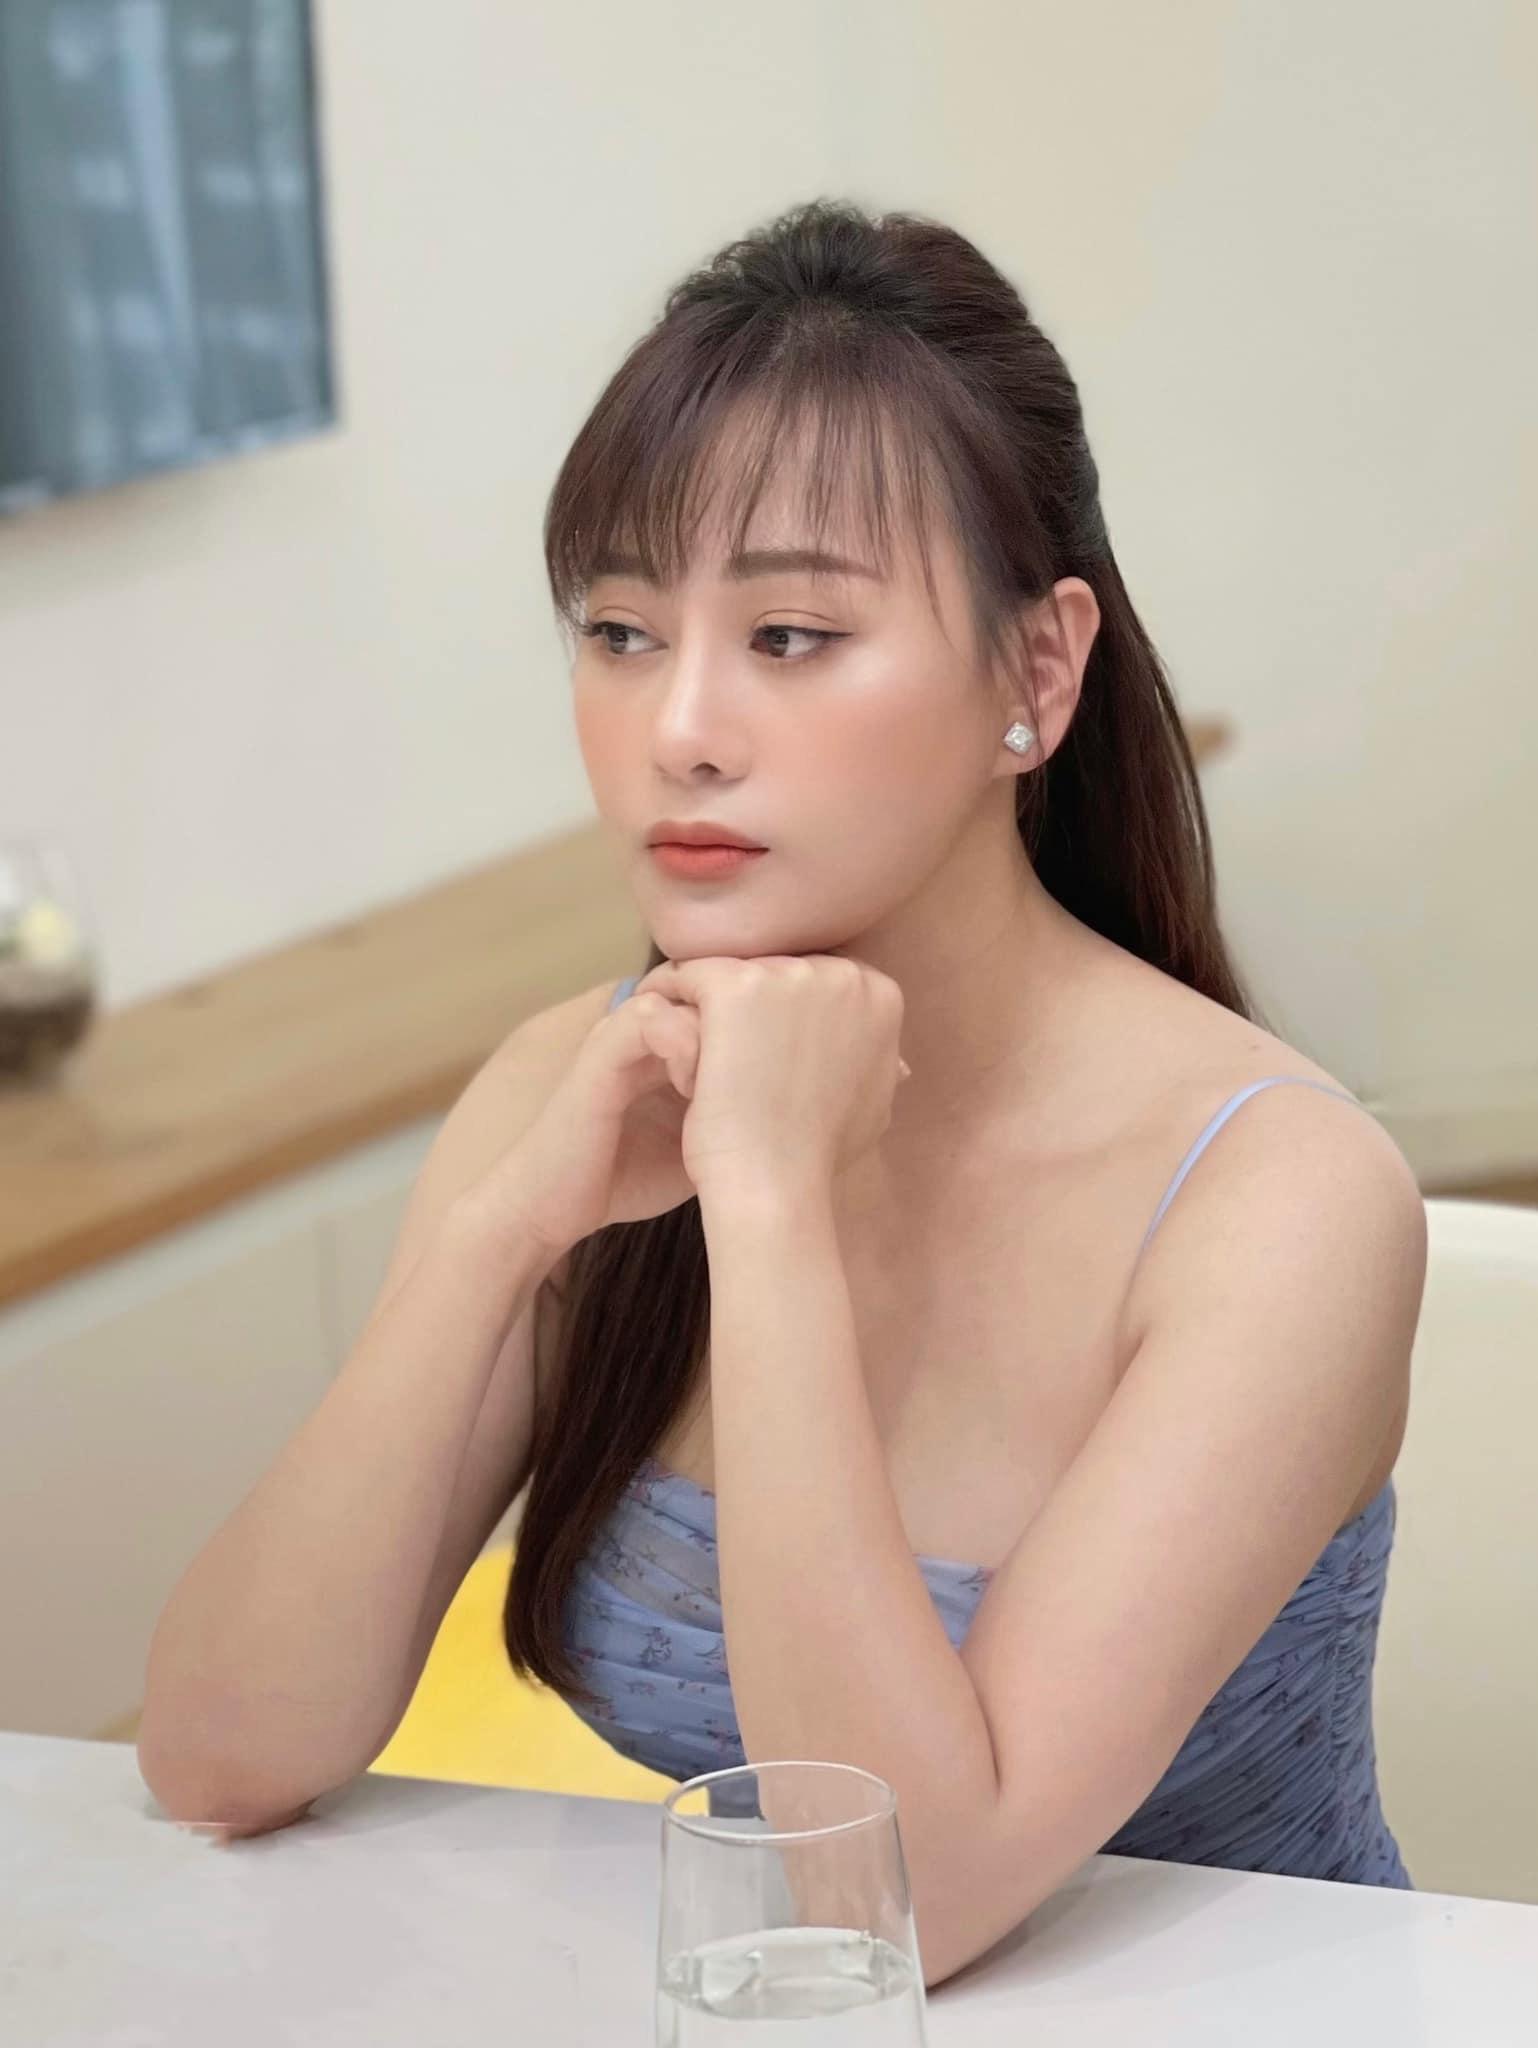 Học lỏm bí quyết diện đồ hè năng động, cá tính từ diễn viên Phương Oanh - Ảnh 9.